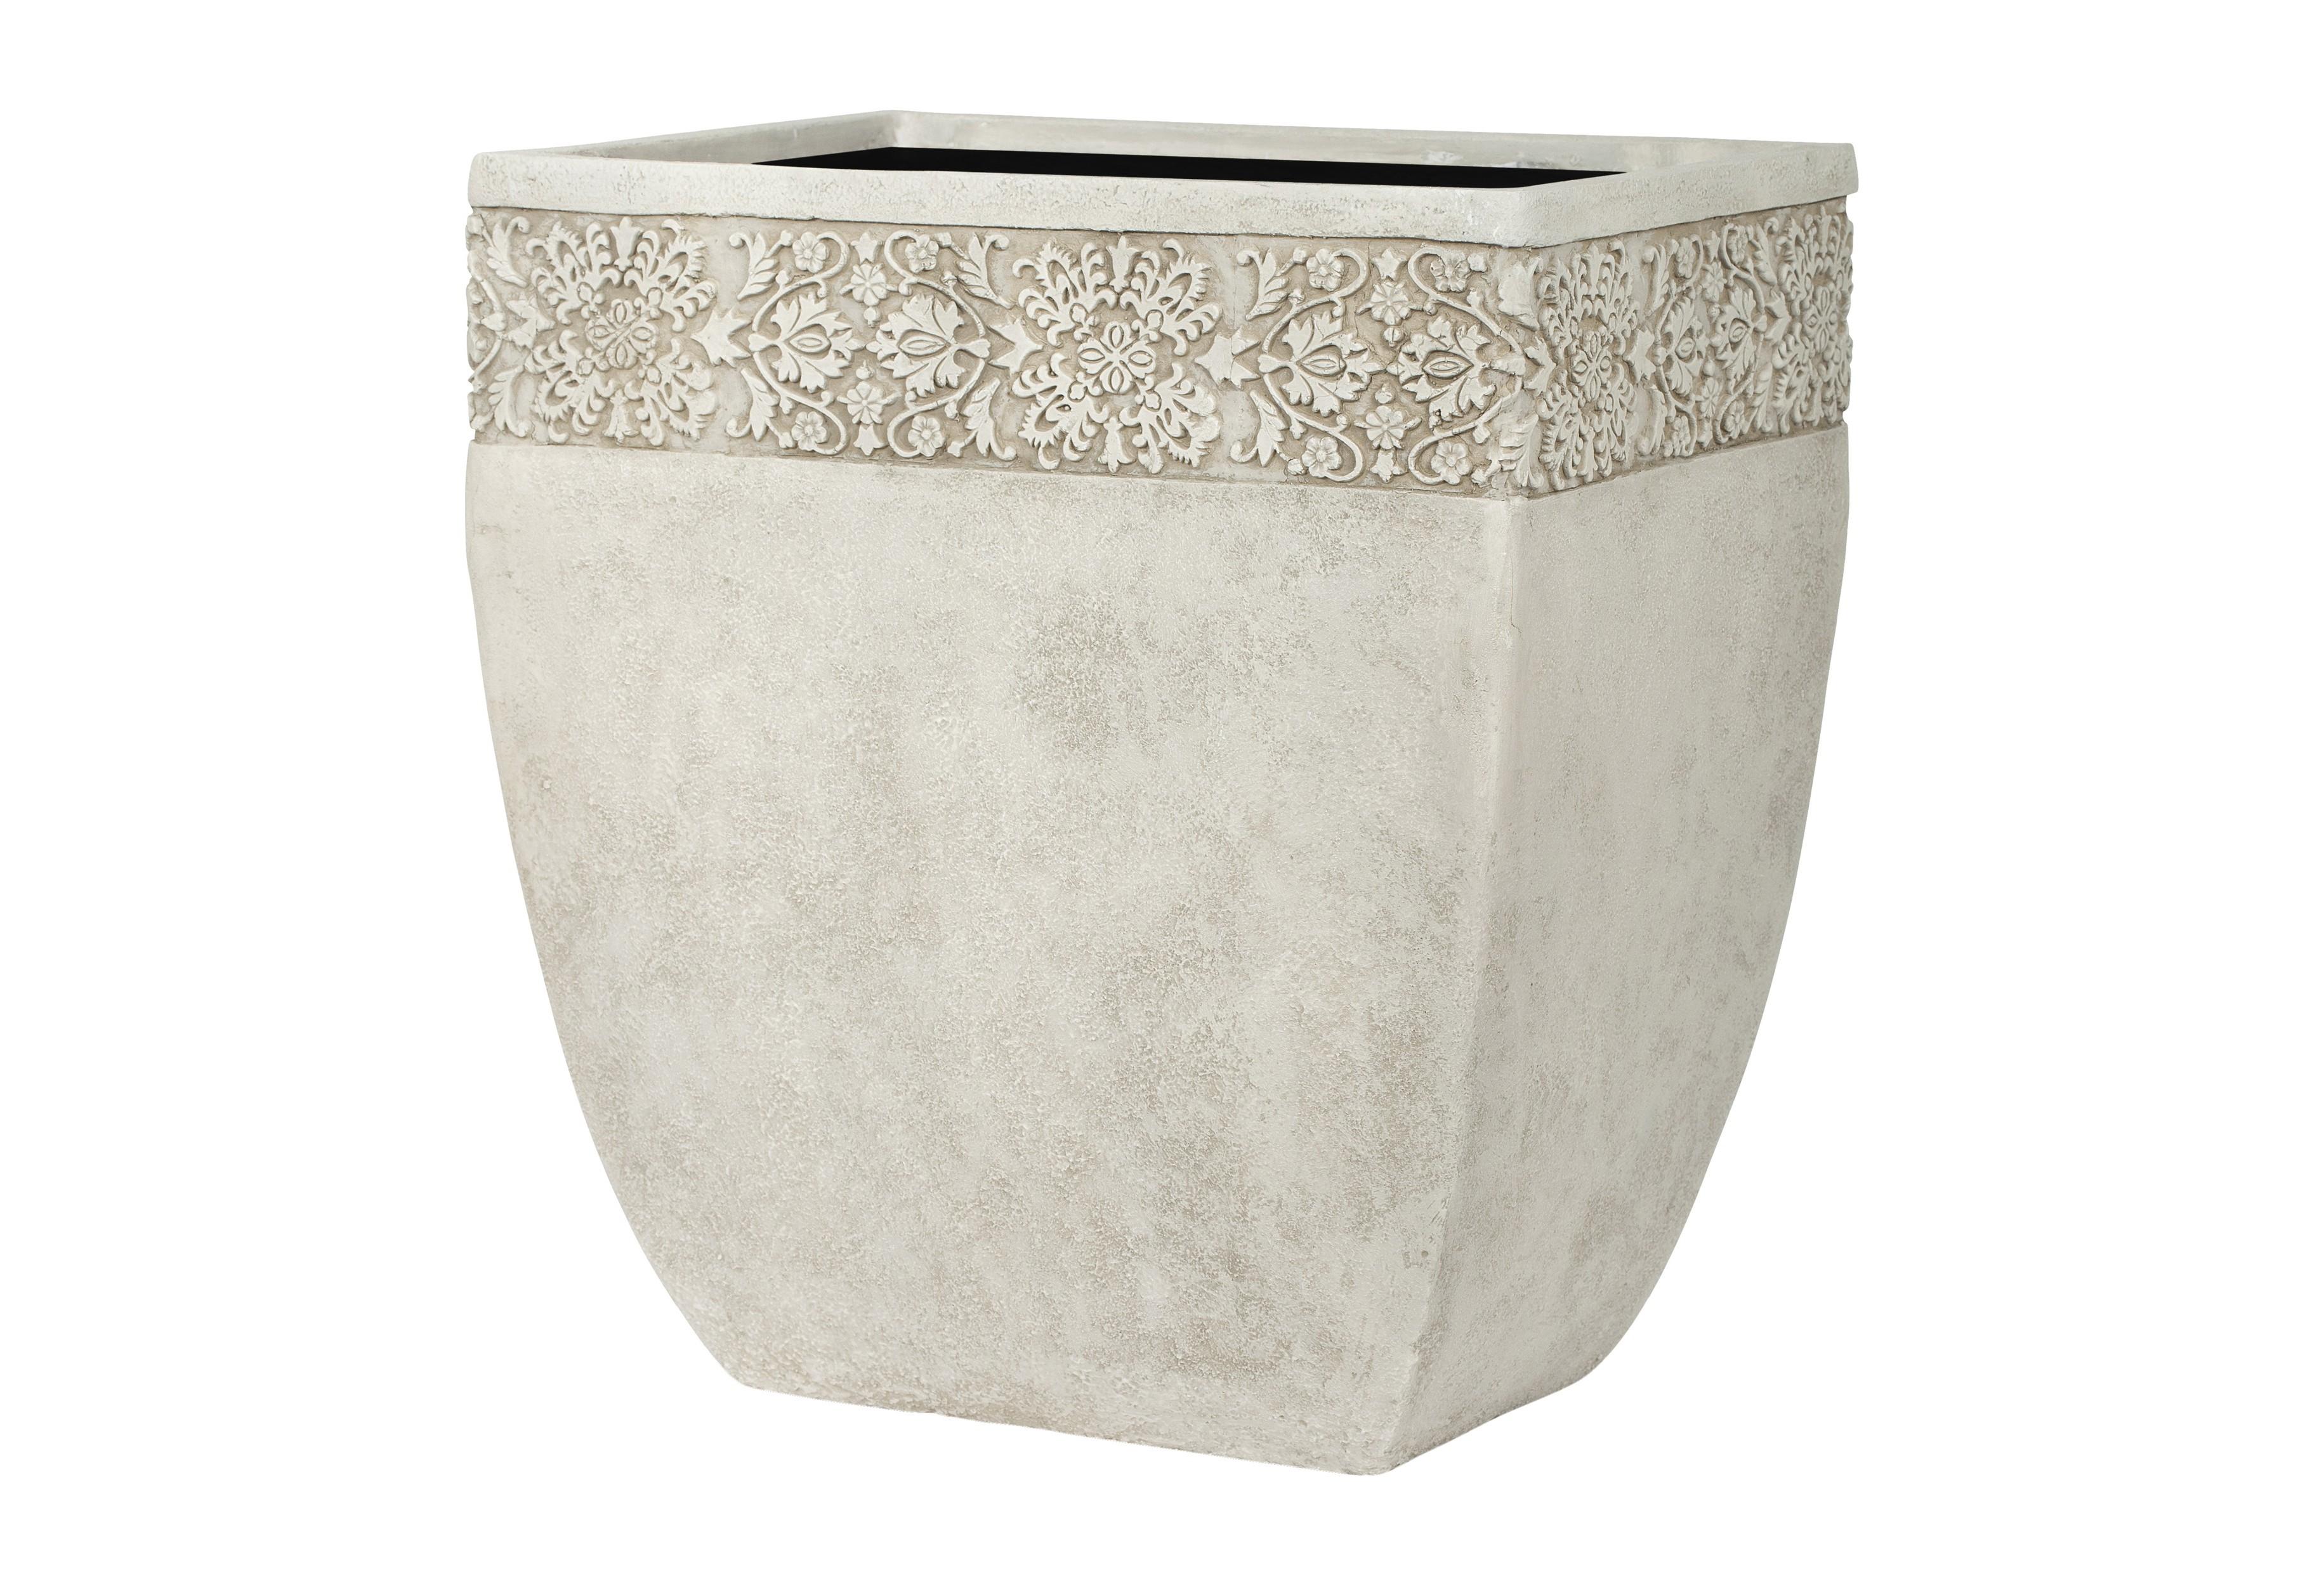 Ваза ДИЖОНКашпо и подставки для дачи и сада<br>CAPI CLASSIC – это вазы в классическом французском стиле.  Вазы отличаются  декоративной каймой с изысканным цветочным узором.  <br>Коллекцию дополняют пьедесталы, с которыми вазы прекрасно согласуются и величественно выглядят рядом с входной дверью или на классической террасе.  Комплекты из ваз не только позволяют создать  красивую композицию, но и значительно облегчают уход за растениями. С их помощью легко расставить акценты на тропинках, входе в дом или на террасе.<br>Вазы CAPI EUROPE не боятся перепадов температуры и влажности воздуха. Все вазы могут быть использованы в доме и на улице круглый год. На дне каждой вазы есть дренажное отверстие, что позволит уберечь  вазу в морозы.<br><br>Material: Полистоун<br>Length см: None<br>Width см: 38<br>Depth см: 27<br>Height см: 42<br>Diameter см: None